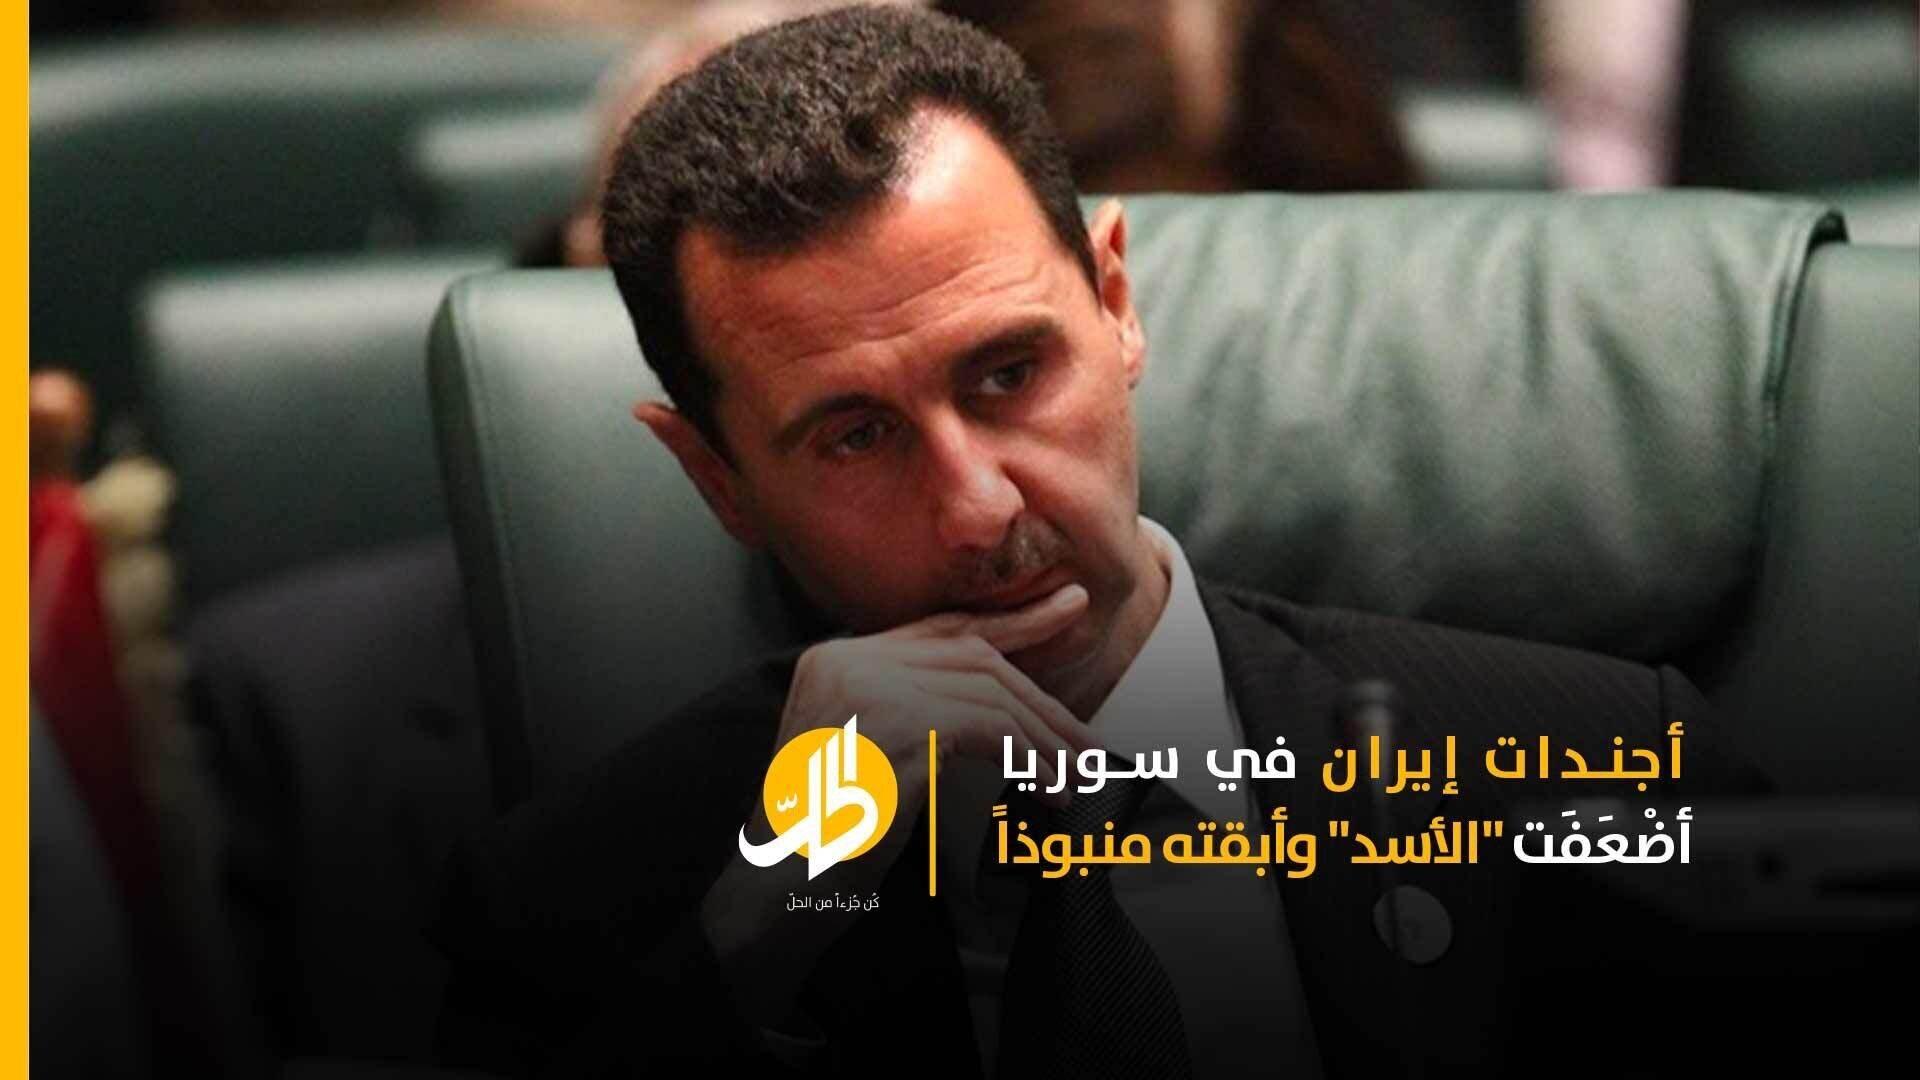 """أمام حيرة """"الأسد"""".. هل ستشهد المنطقة مواجهة إيرانيّة روسيّة مرتقبة؟"""